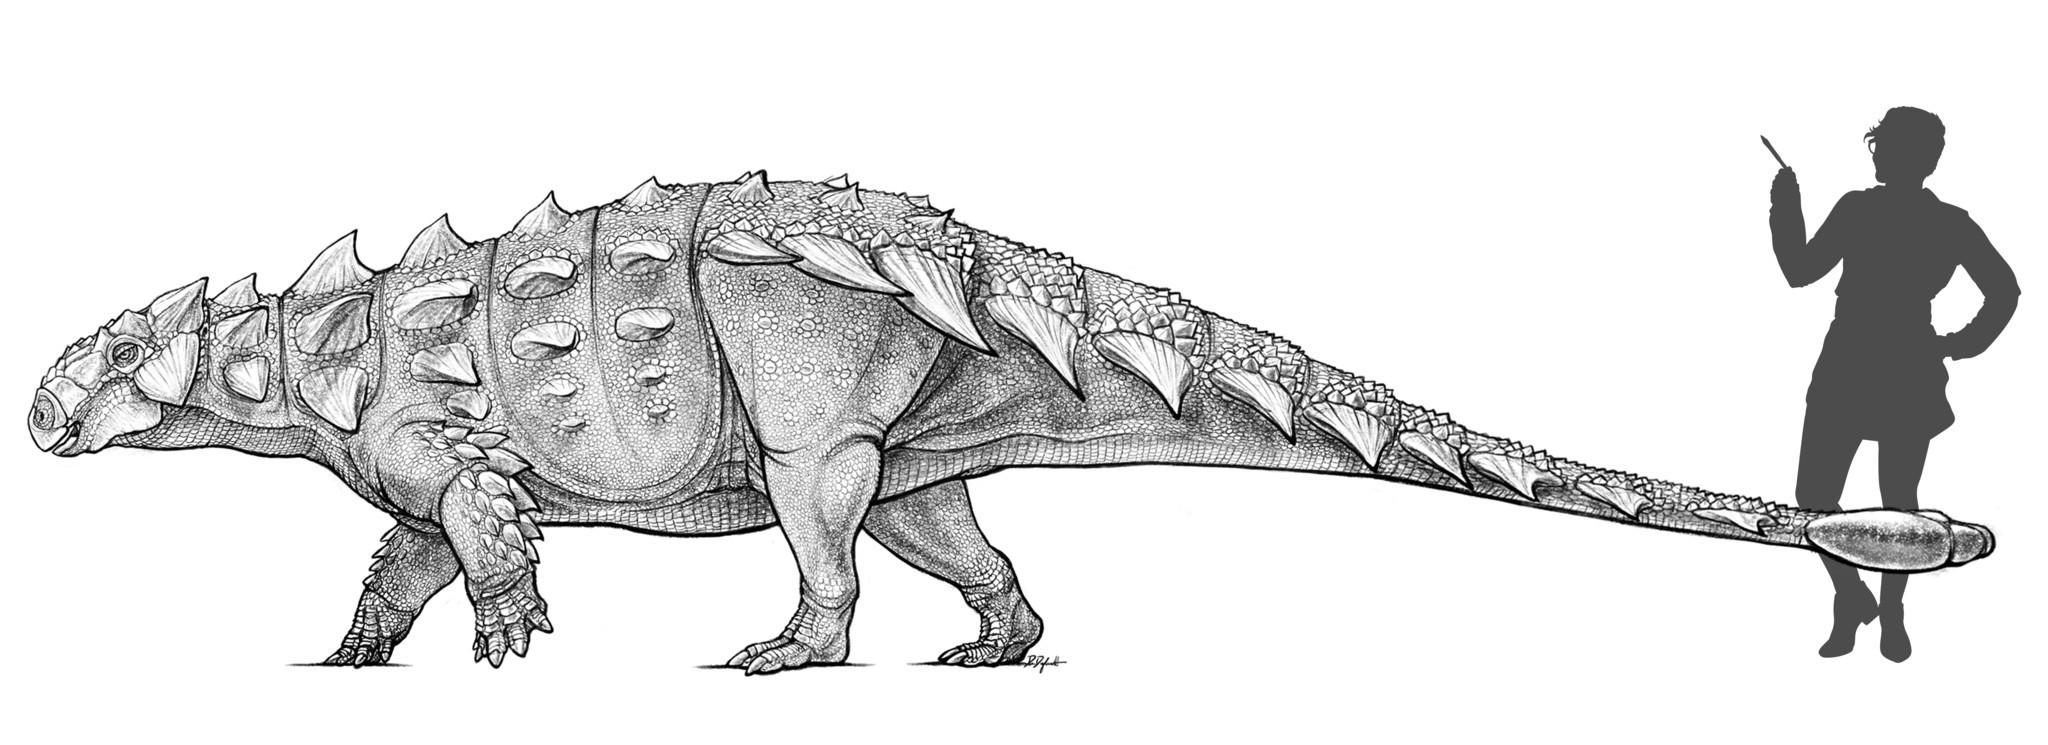 Comparación del dinosaurio con una persona | Latimes.com